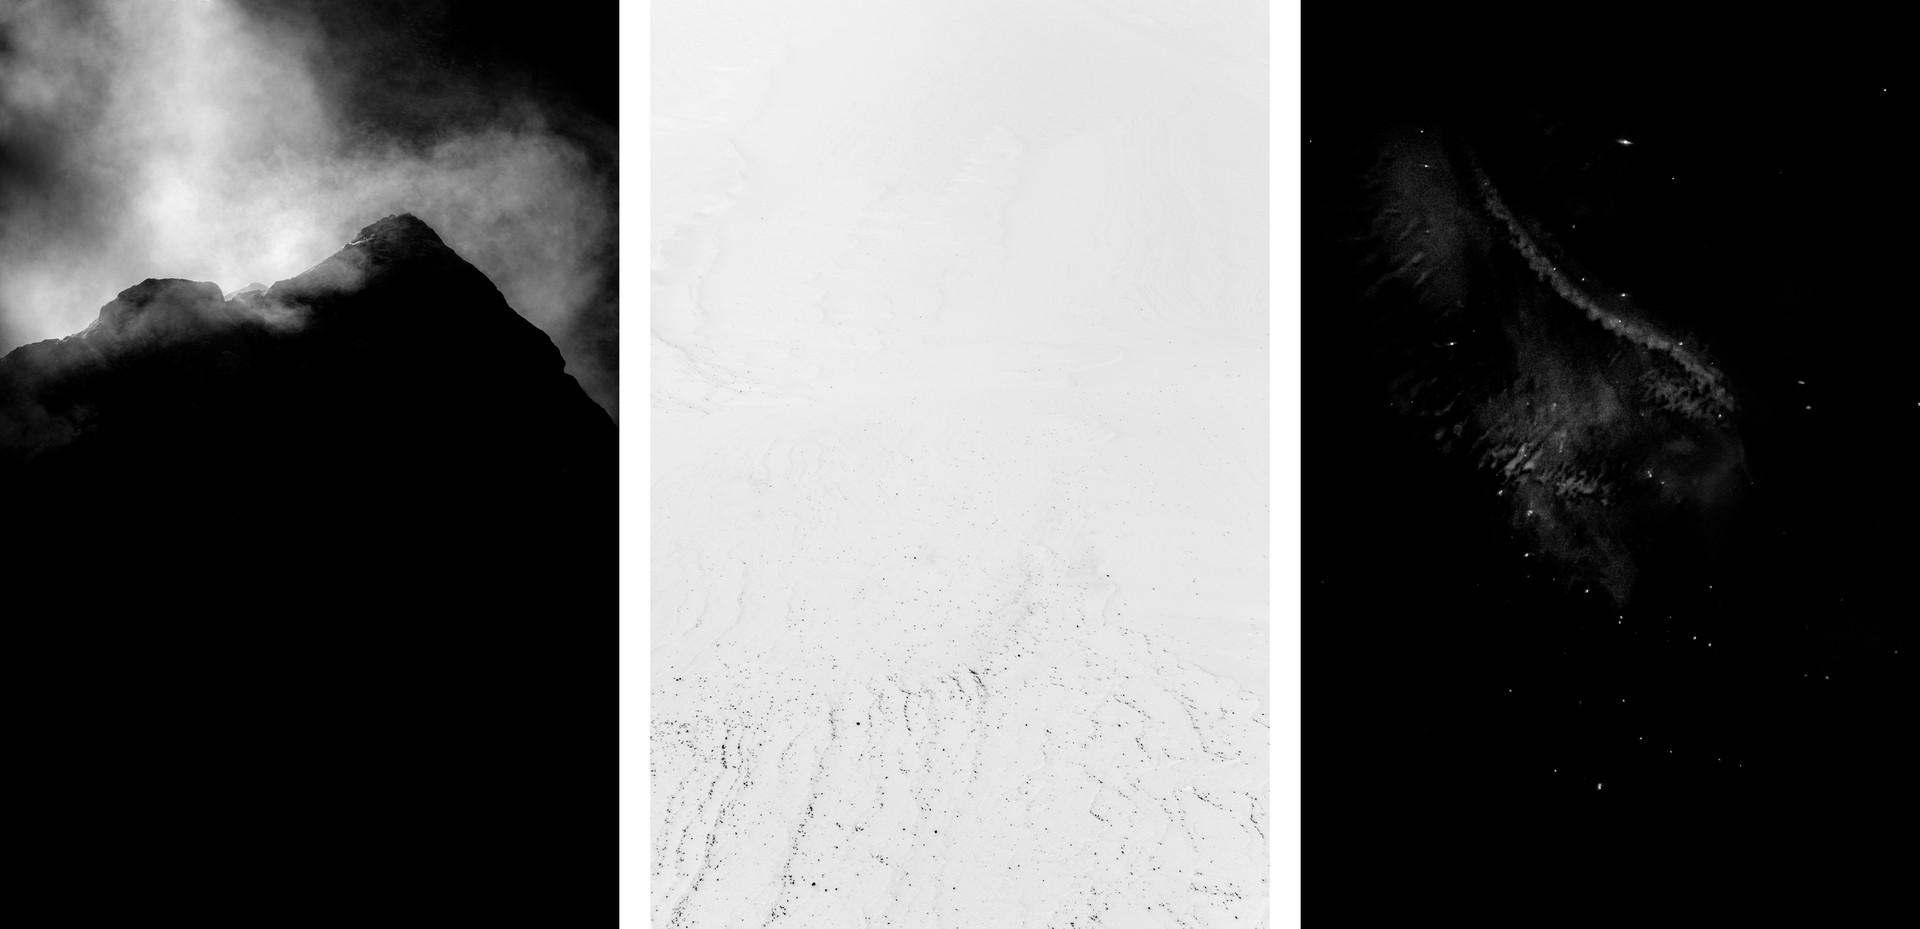 De Magnete (tríptico), 2018 impressão sublimação colado sobre alumínio edição de 7 + 1 PA 45 x 30 cm (cada)